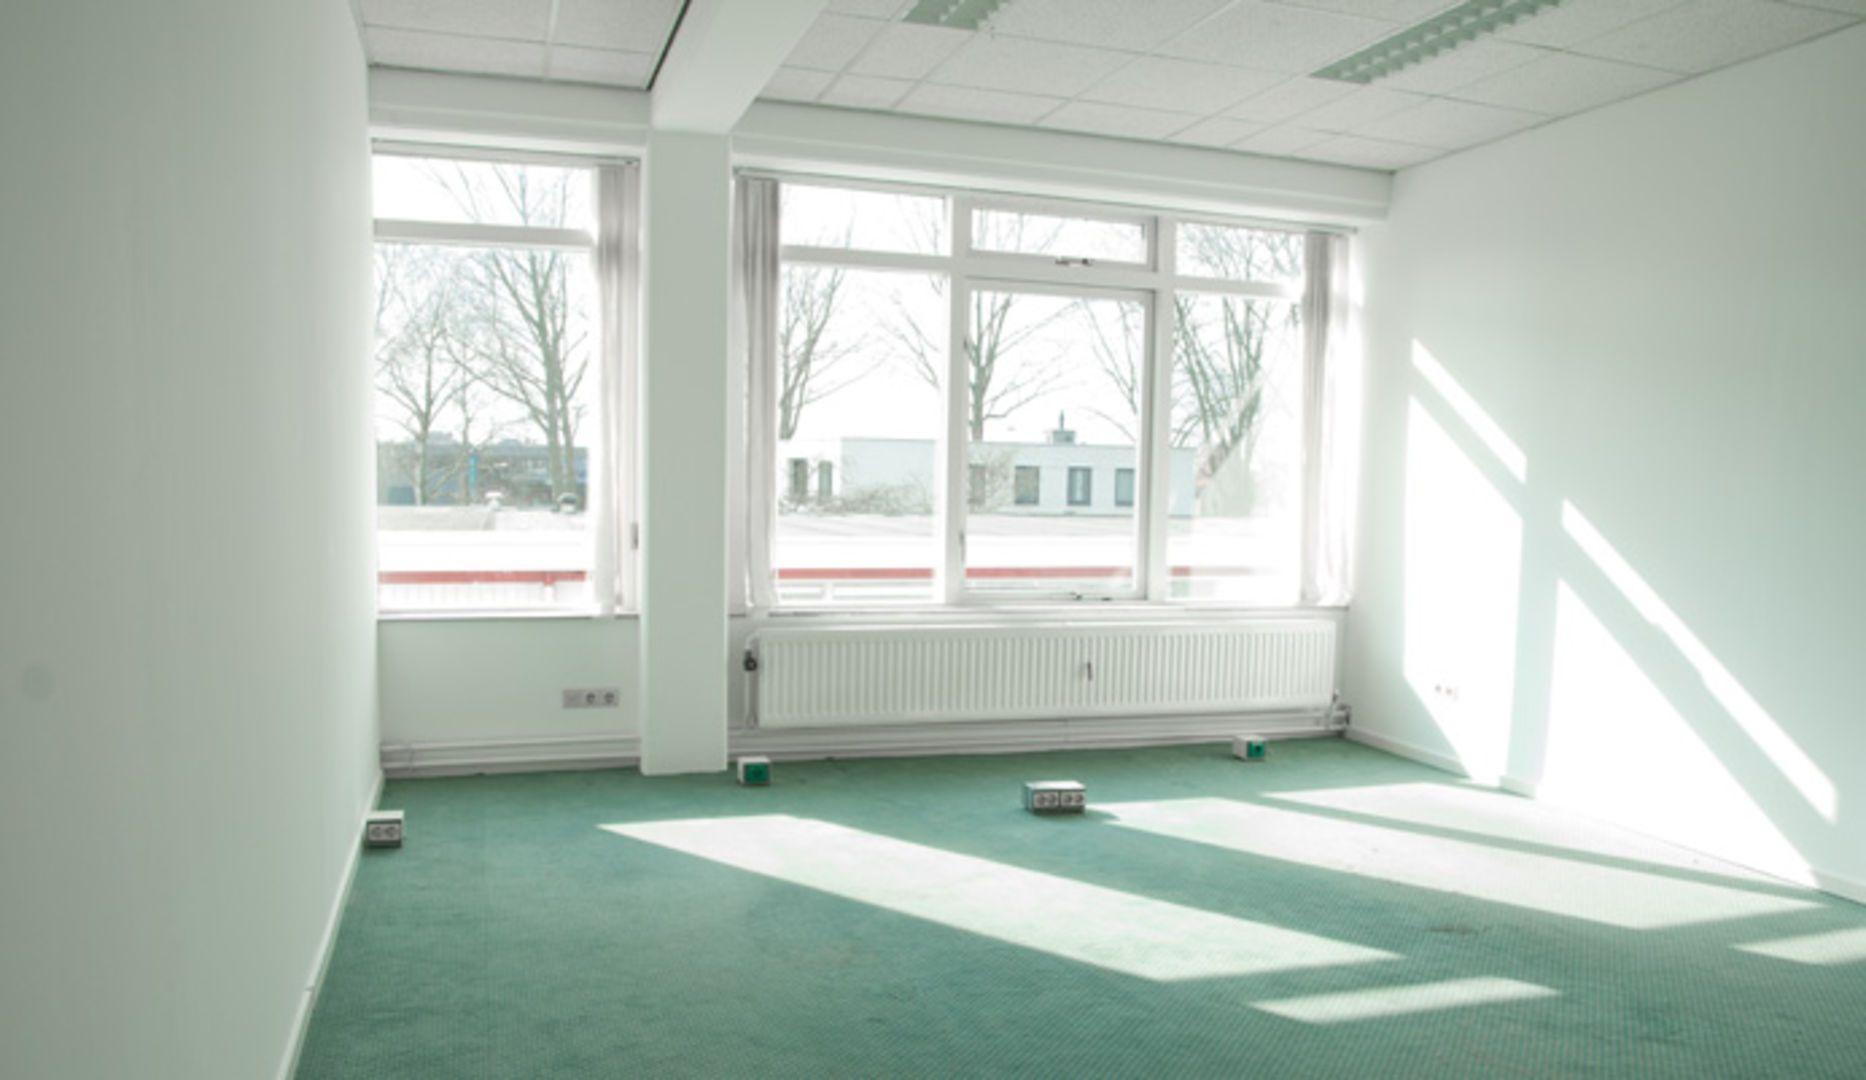 Kluizenaarsbocht 6 1E 32M2, Delft foto-1